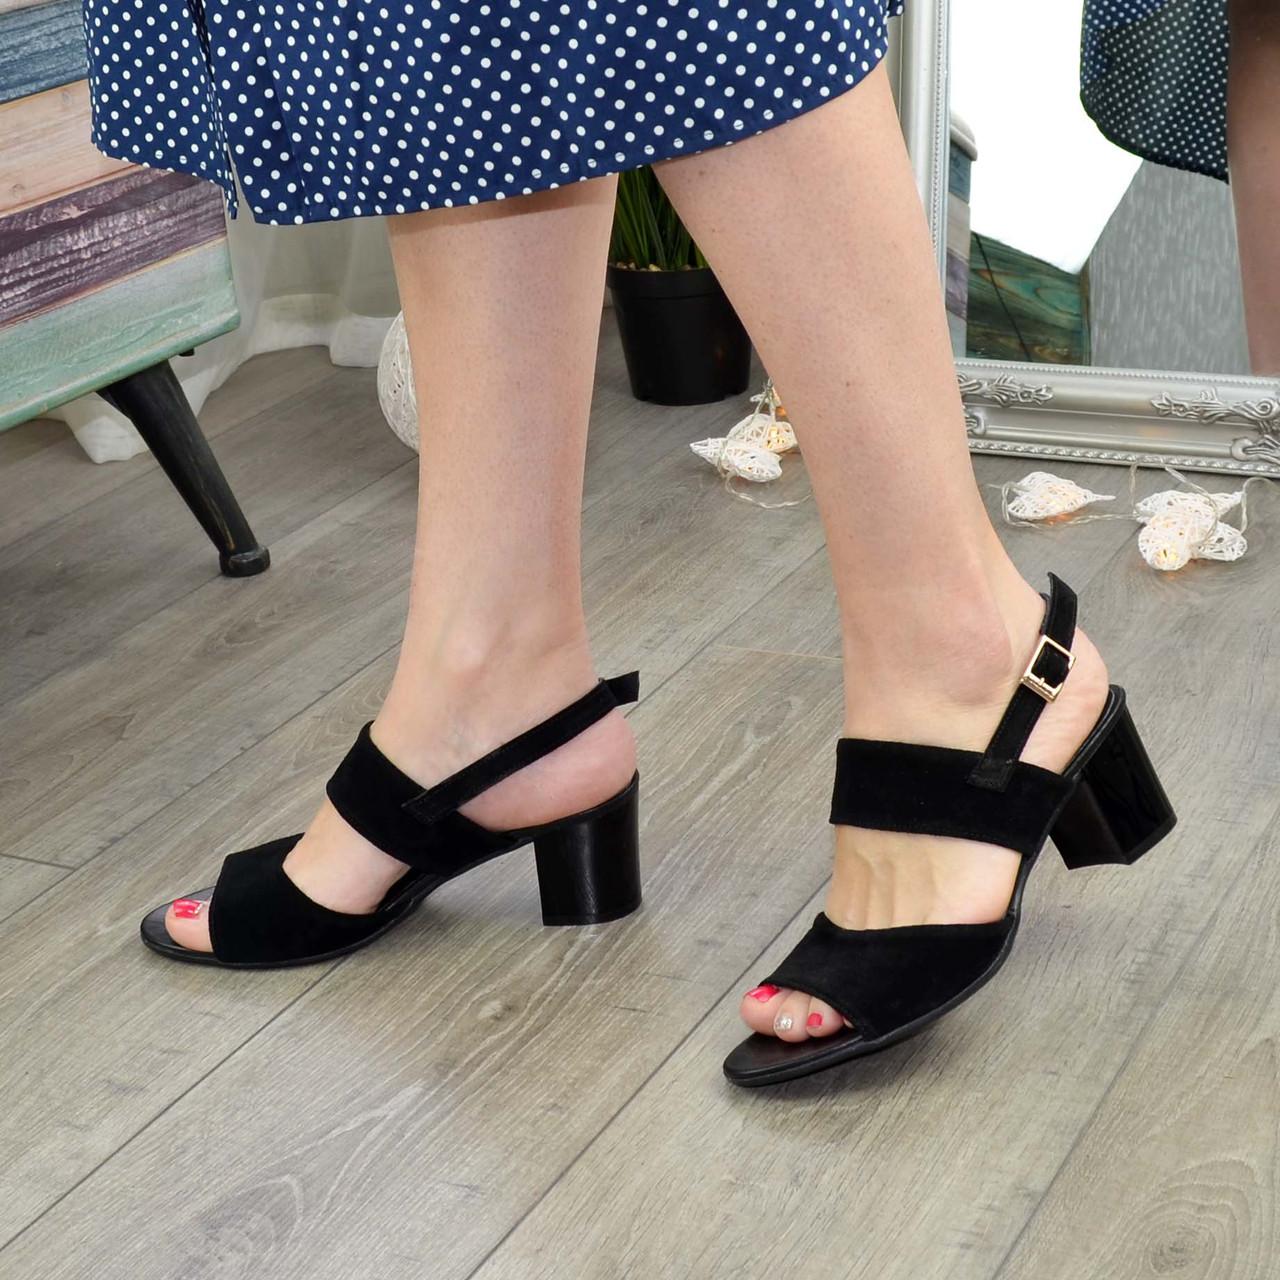 Босоножки женские замшевые черные на невысоком устойчивом каблуке.